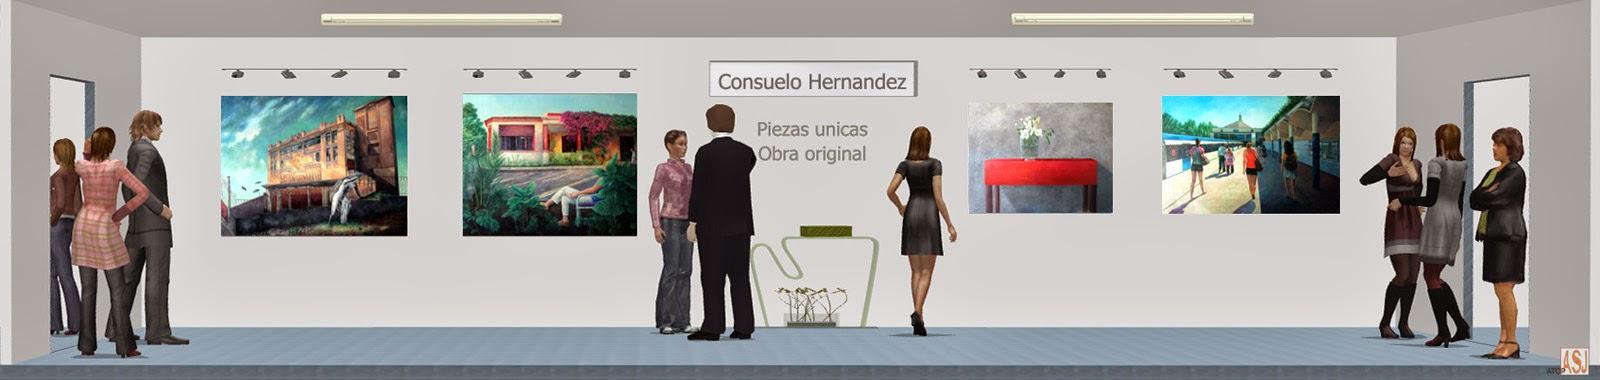 """<img src=""""http://2.bp.blogspot.com/-xuHILJLc-tw/U9pg3Cbc42I/AAAAAAAAa64/aCST8vVSIZY/s1600/sala-de-exposicion-de-consuelo-hernandez.jpg"""" alt="""" Sala de exposición virtual de pinturas de Consuelo Hernández""""/>"""